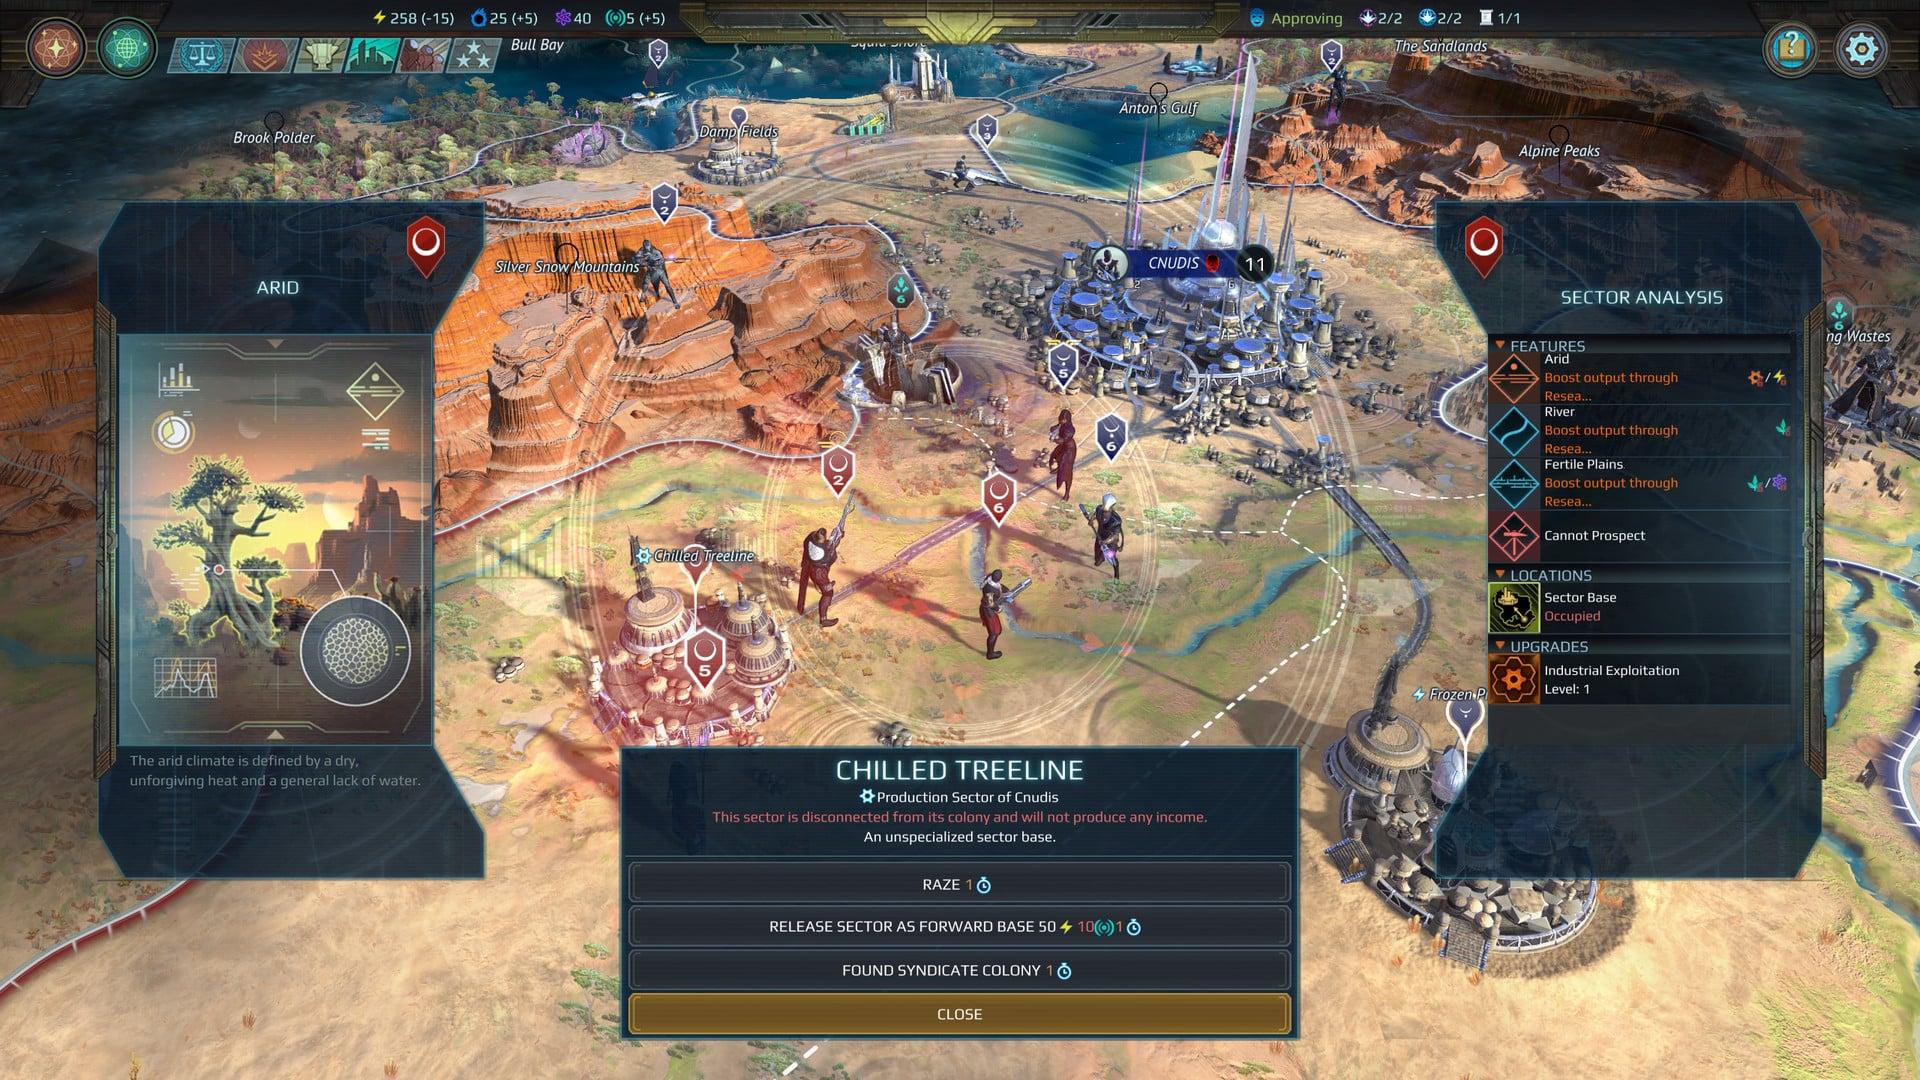 خرید استیم گیفت Age of Wonders: Planetfall اسکرین شات 2